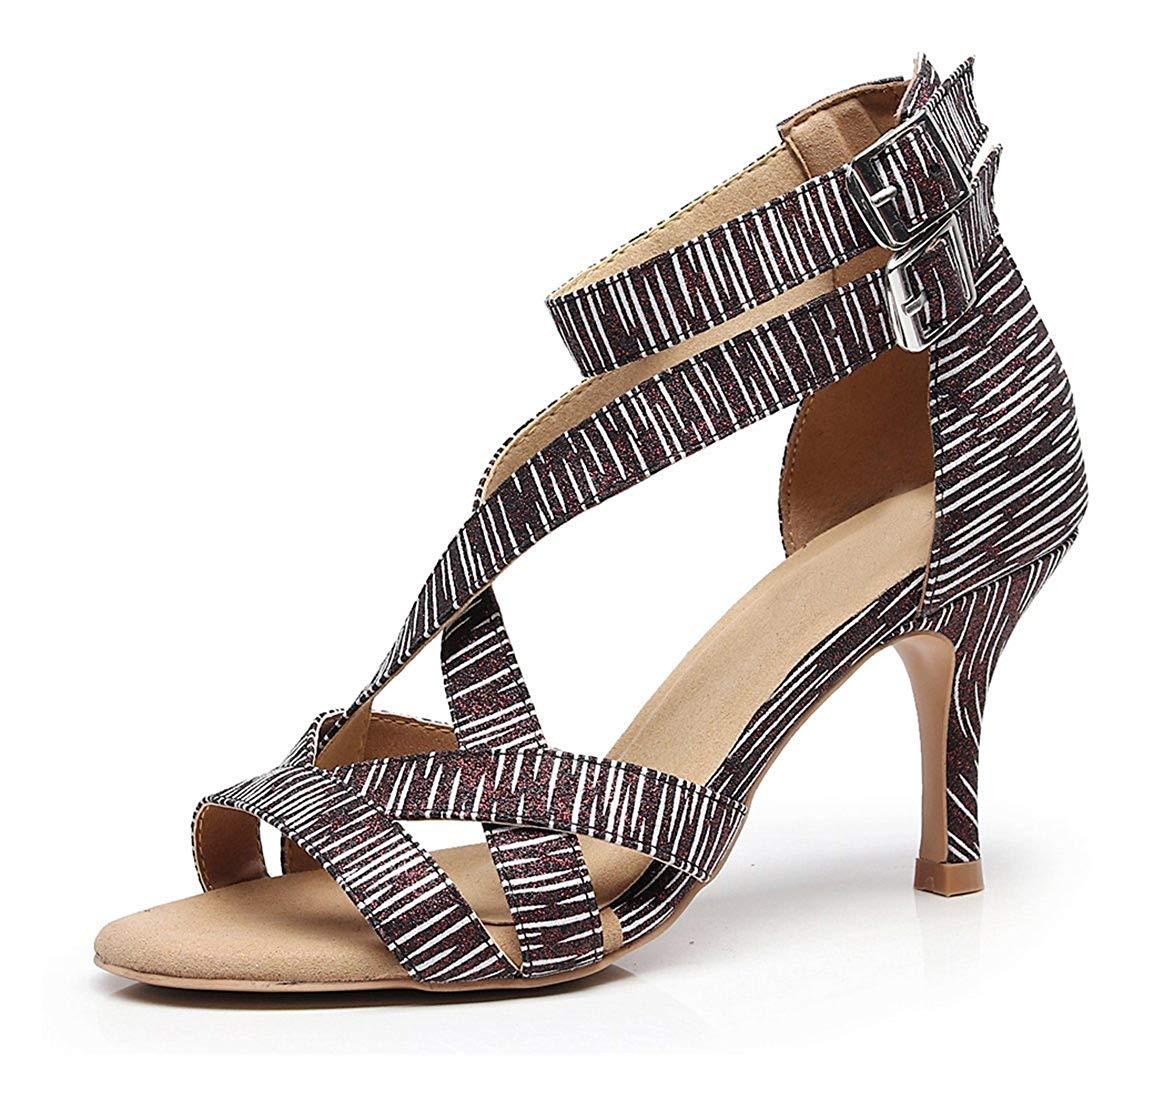 HhGold Damen Soft Rubber Sohle Knöchelriemen Schwarz Weiß Latin Salsa Tanzschuhe Hochzeit Schuhe UK 4 (Farbe   - Größe   -)